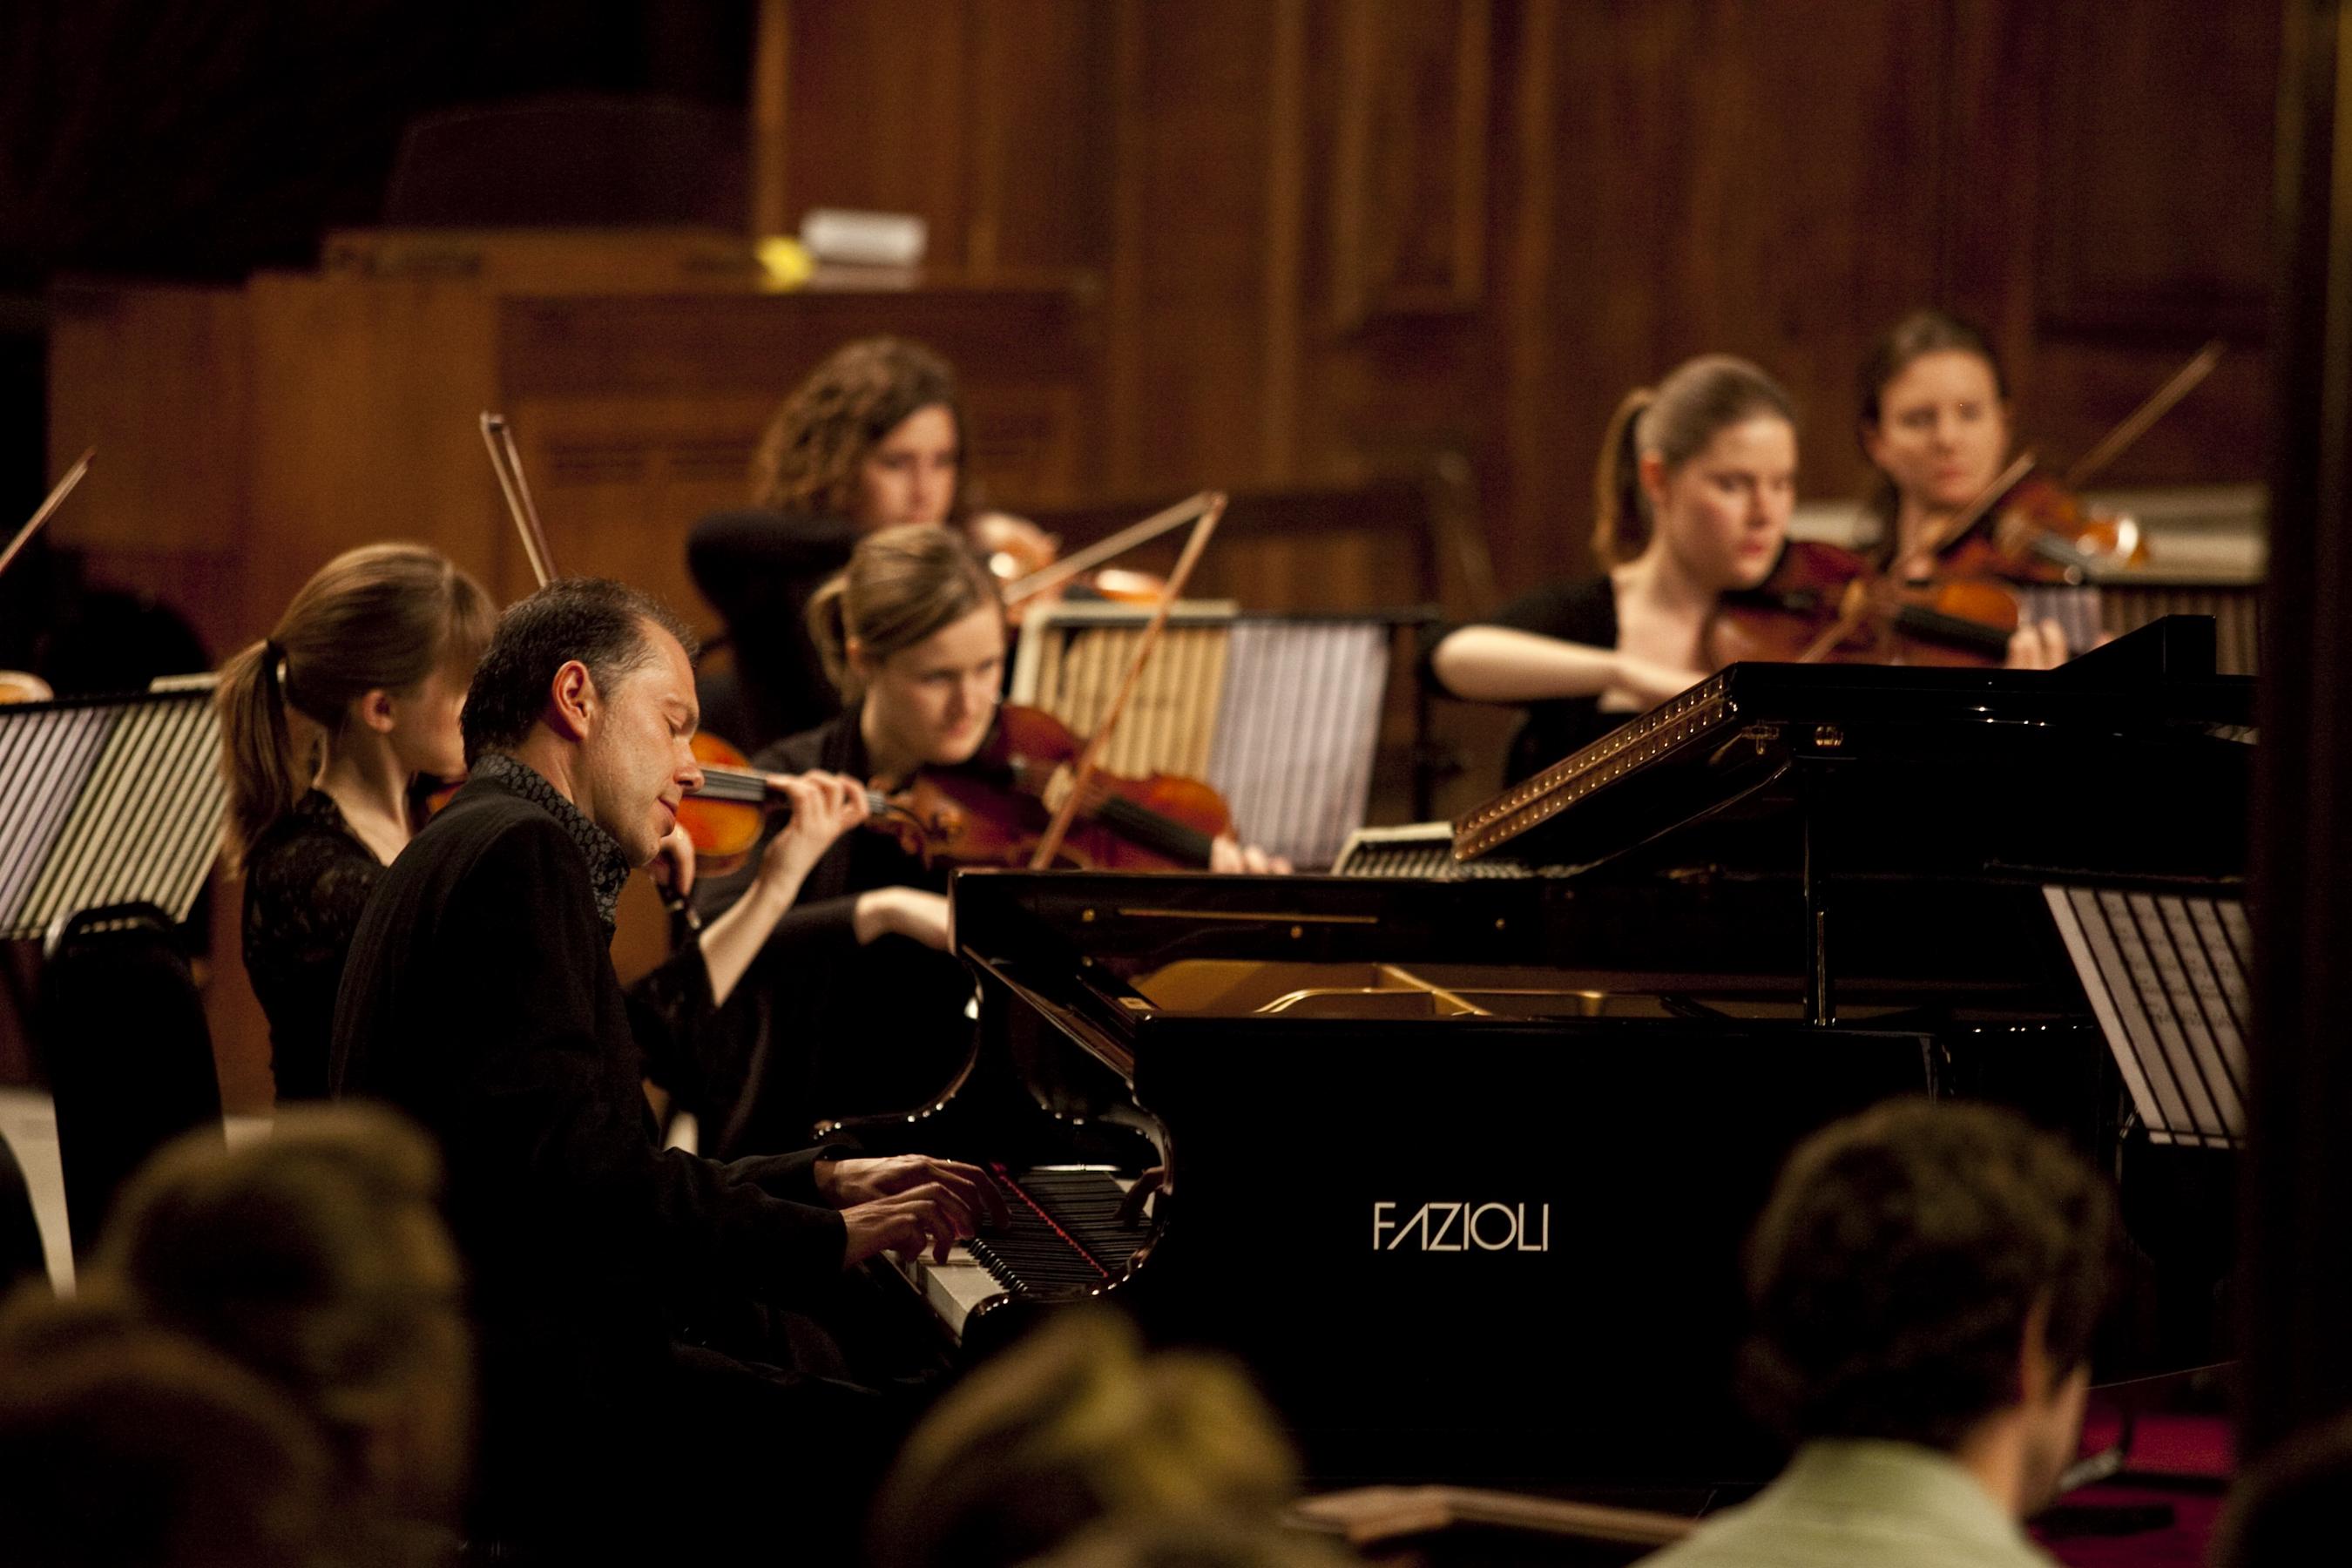 PIANO TRIO WITH ORCHESTRA - Dominic Alldis